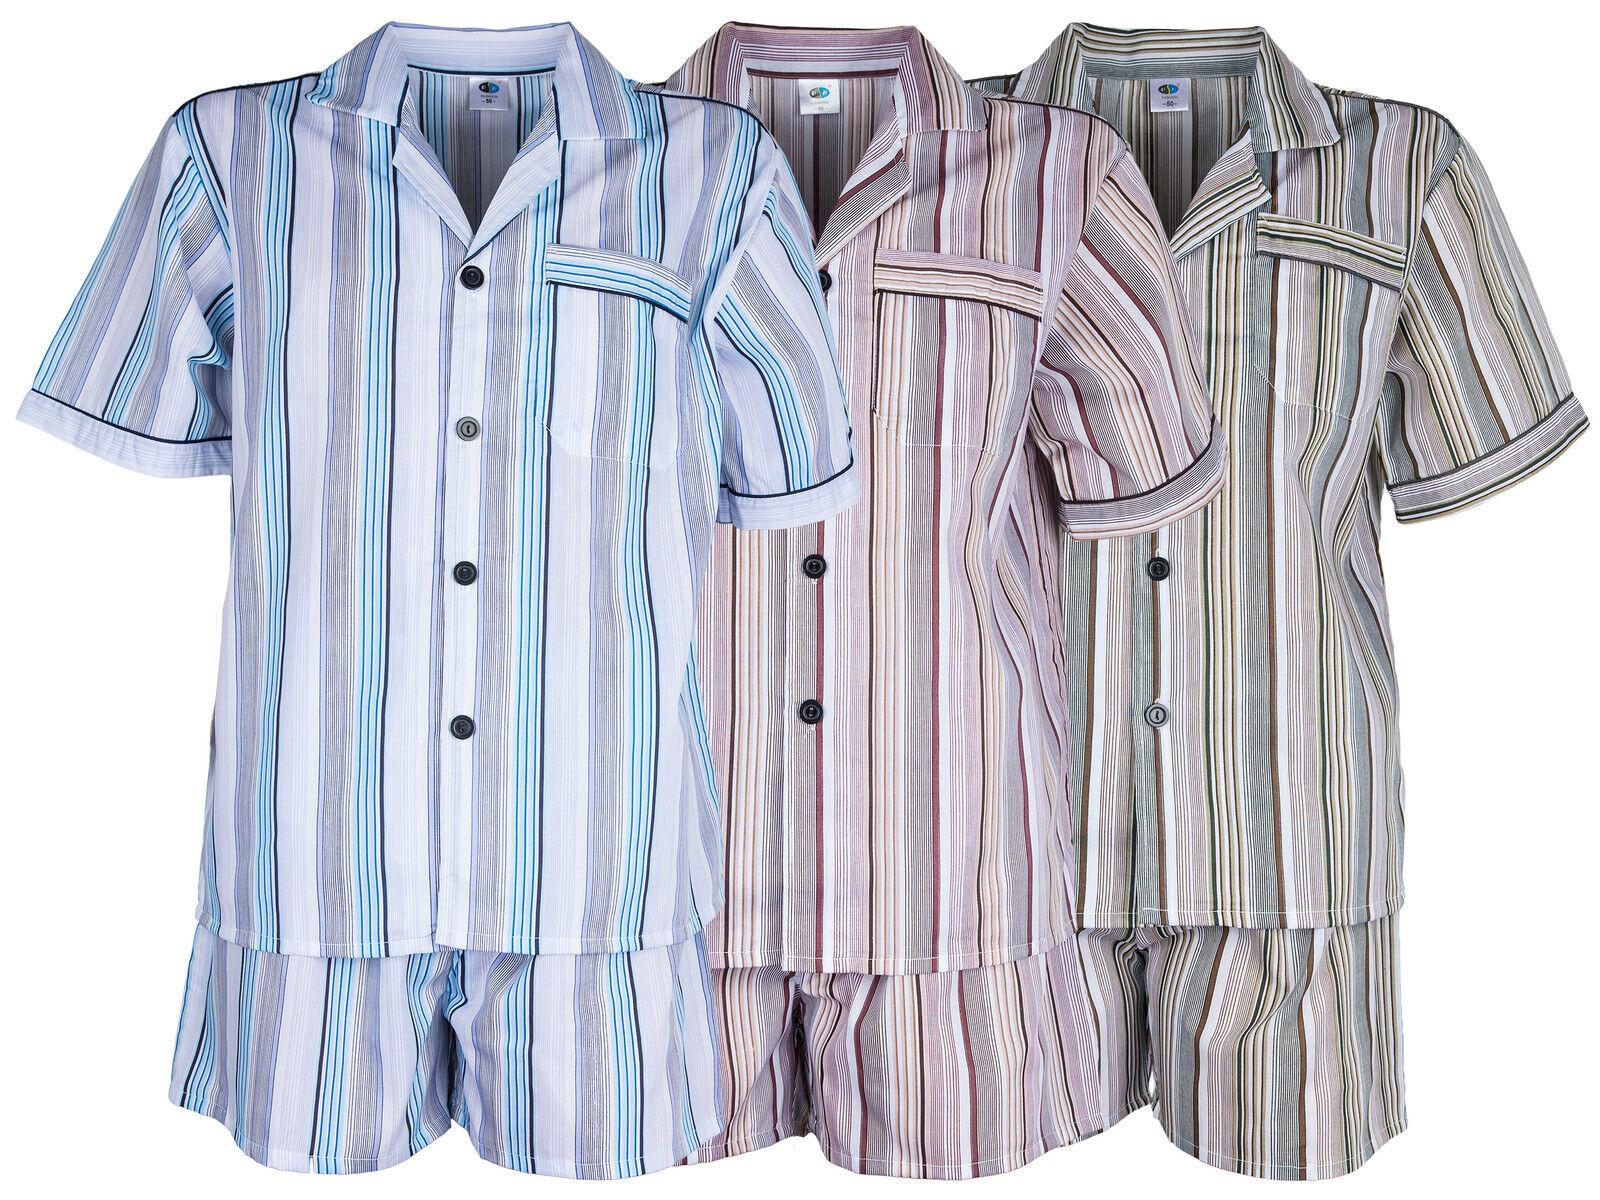 Herren Batist Pyjama gestreift von SOUNON®- Kurz - 3 Farben (Gr. 48 bis Gr. 60)